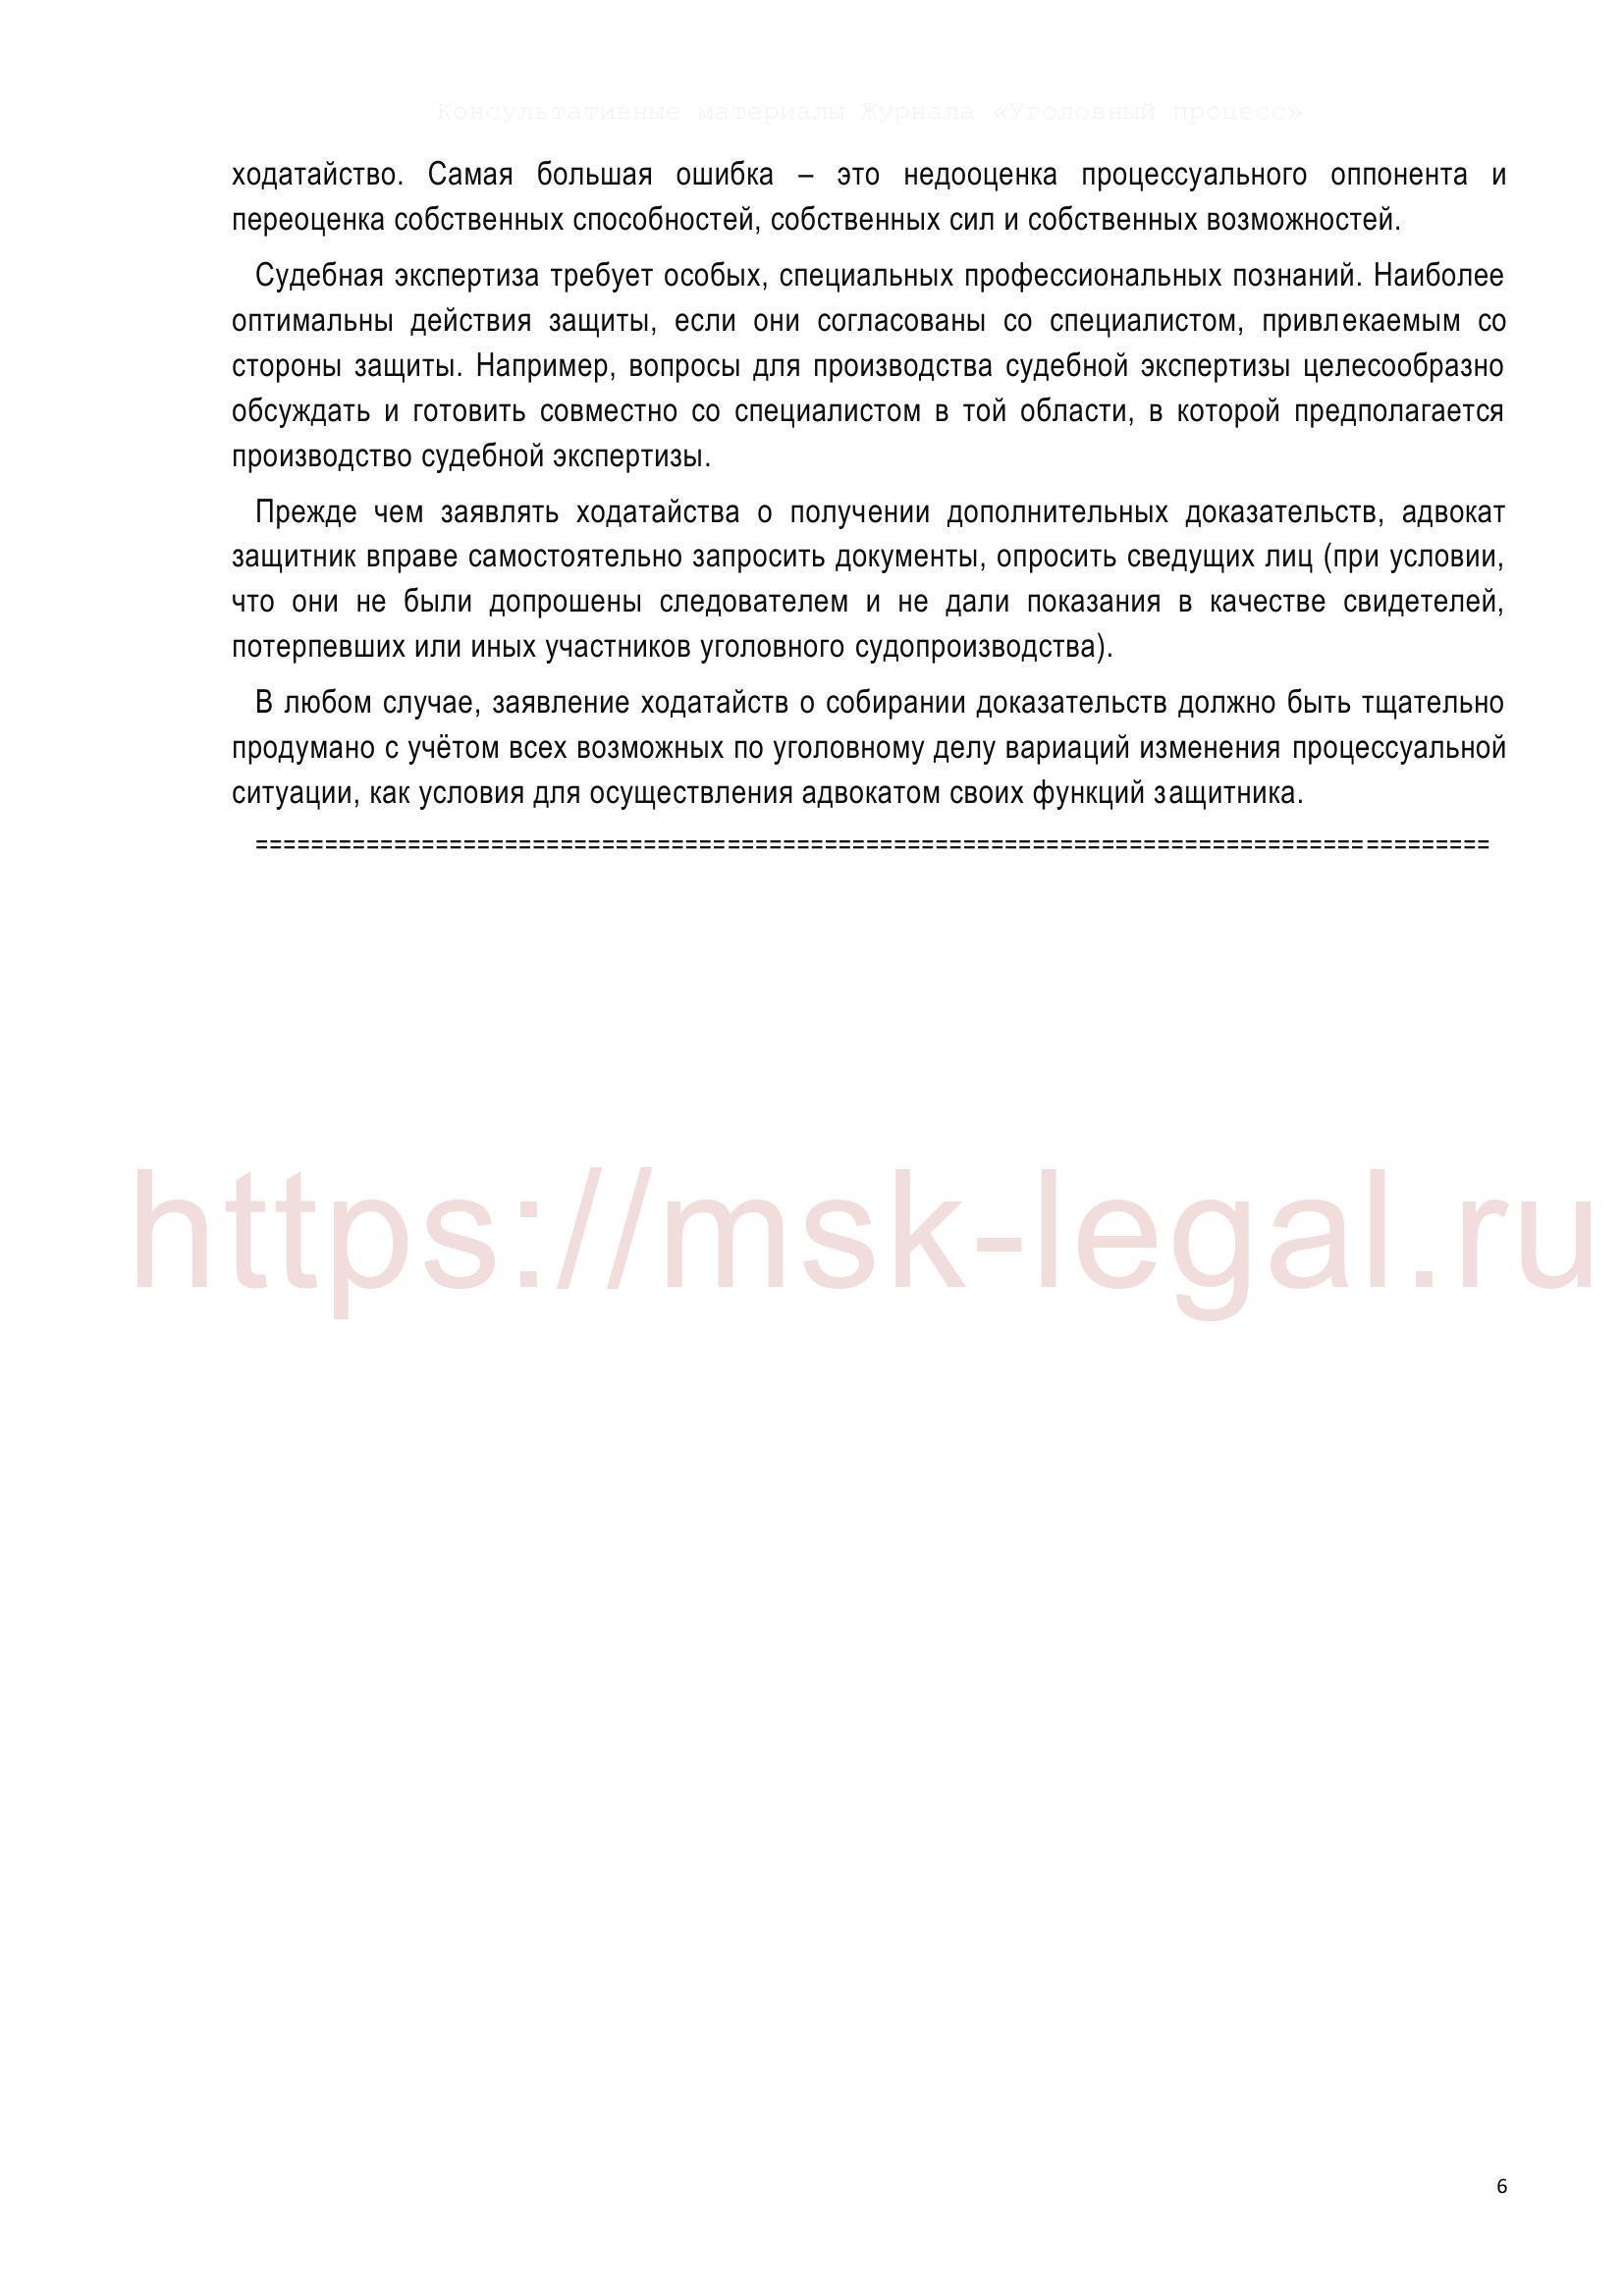 Ходатайство о производстве дополнительных следственных действий и дополнении материалов уголовного дела